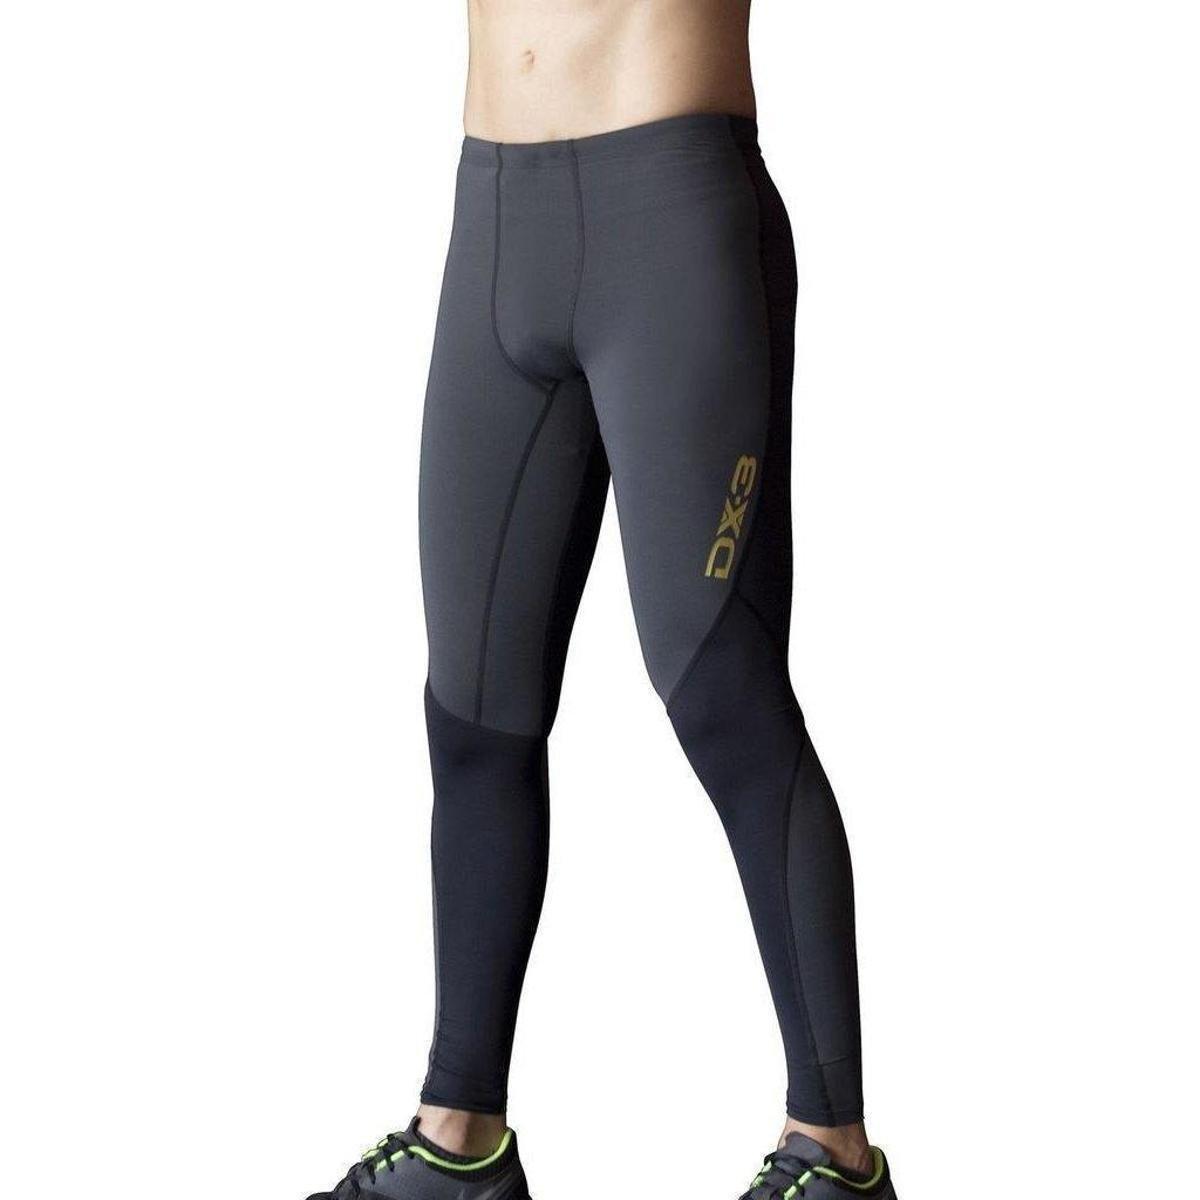 6e48825e1f2e2 Calça DX3 Masculina corrida Fitness Trekking - Compre Agora